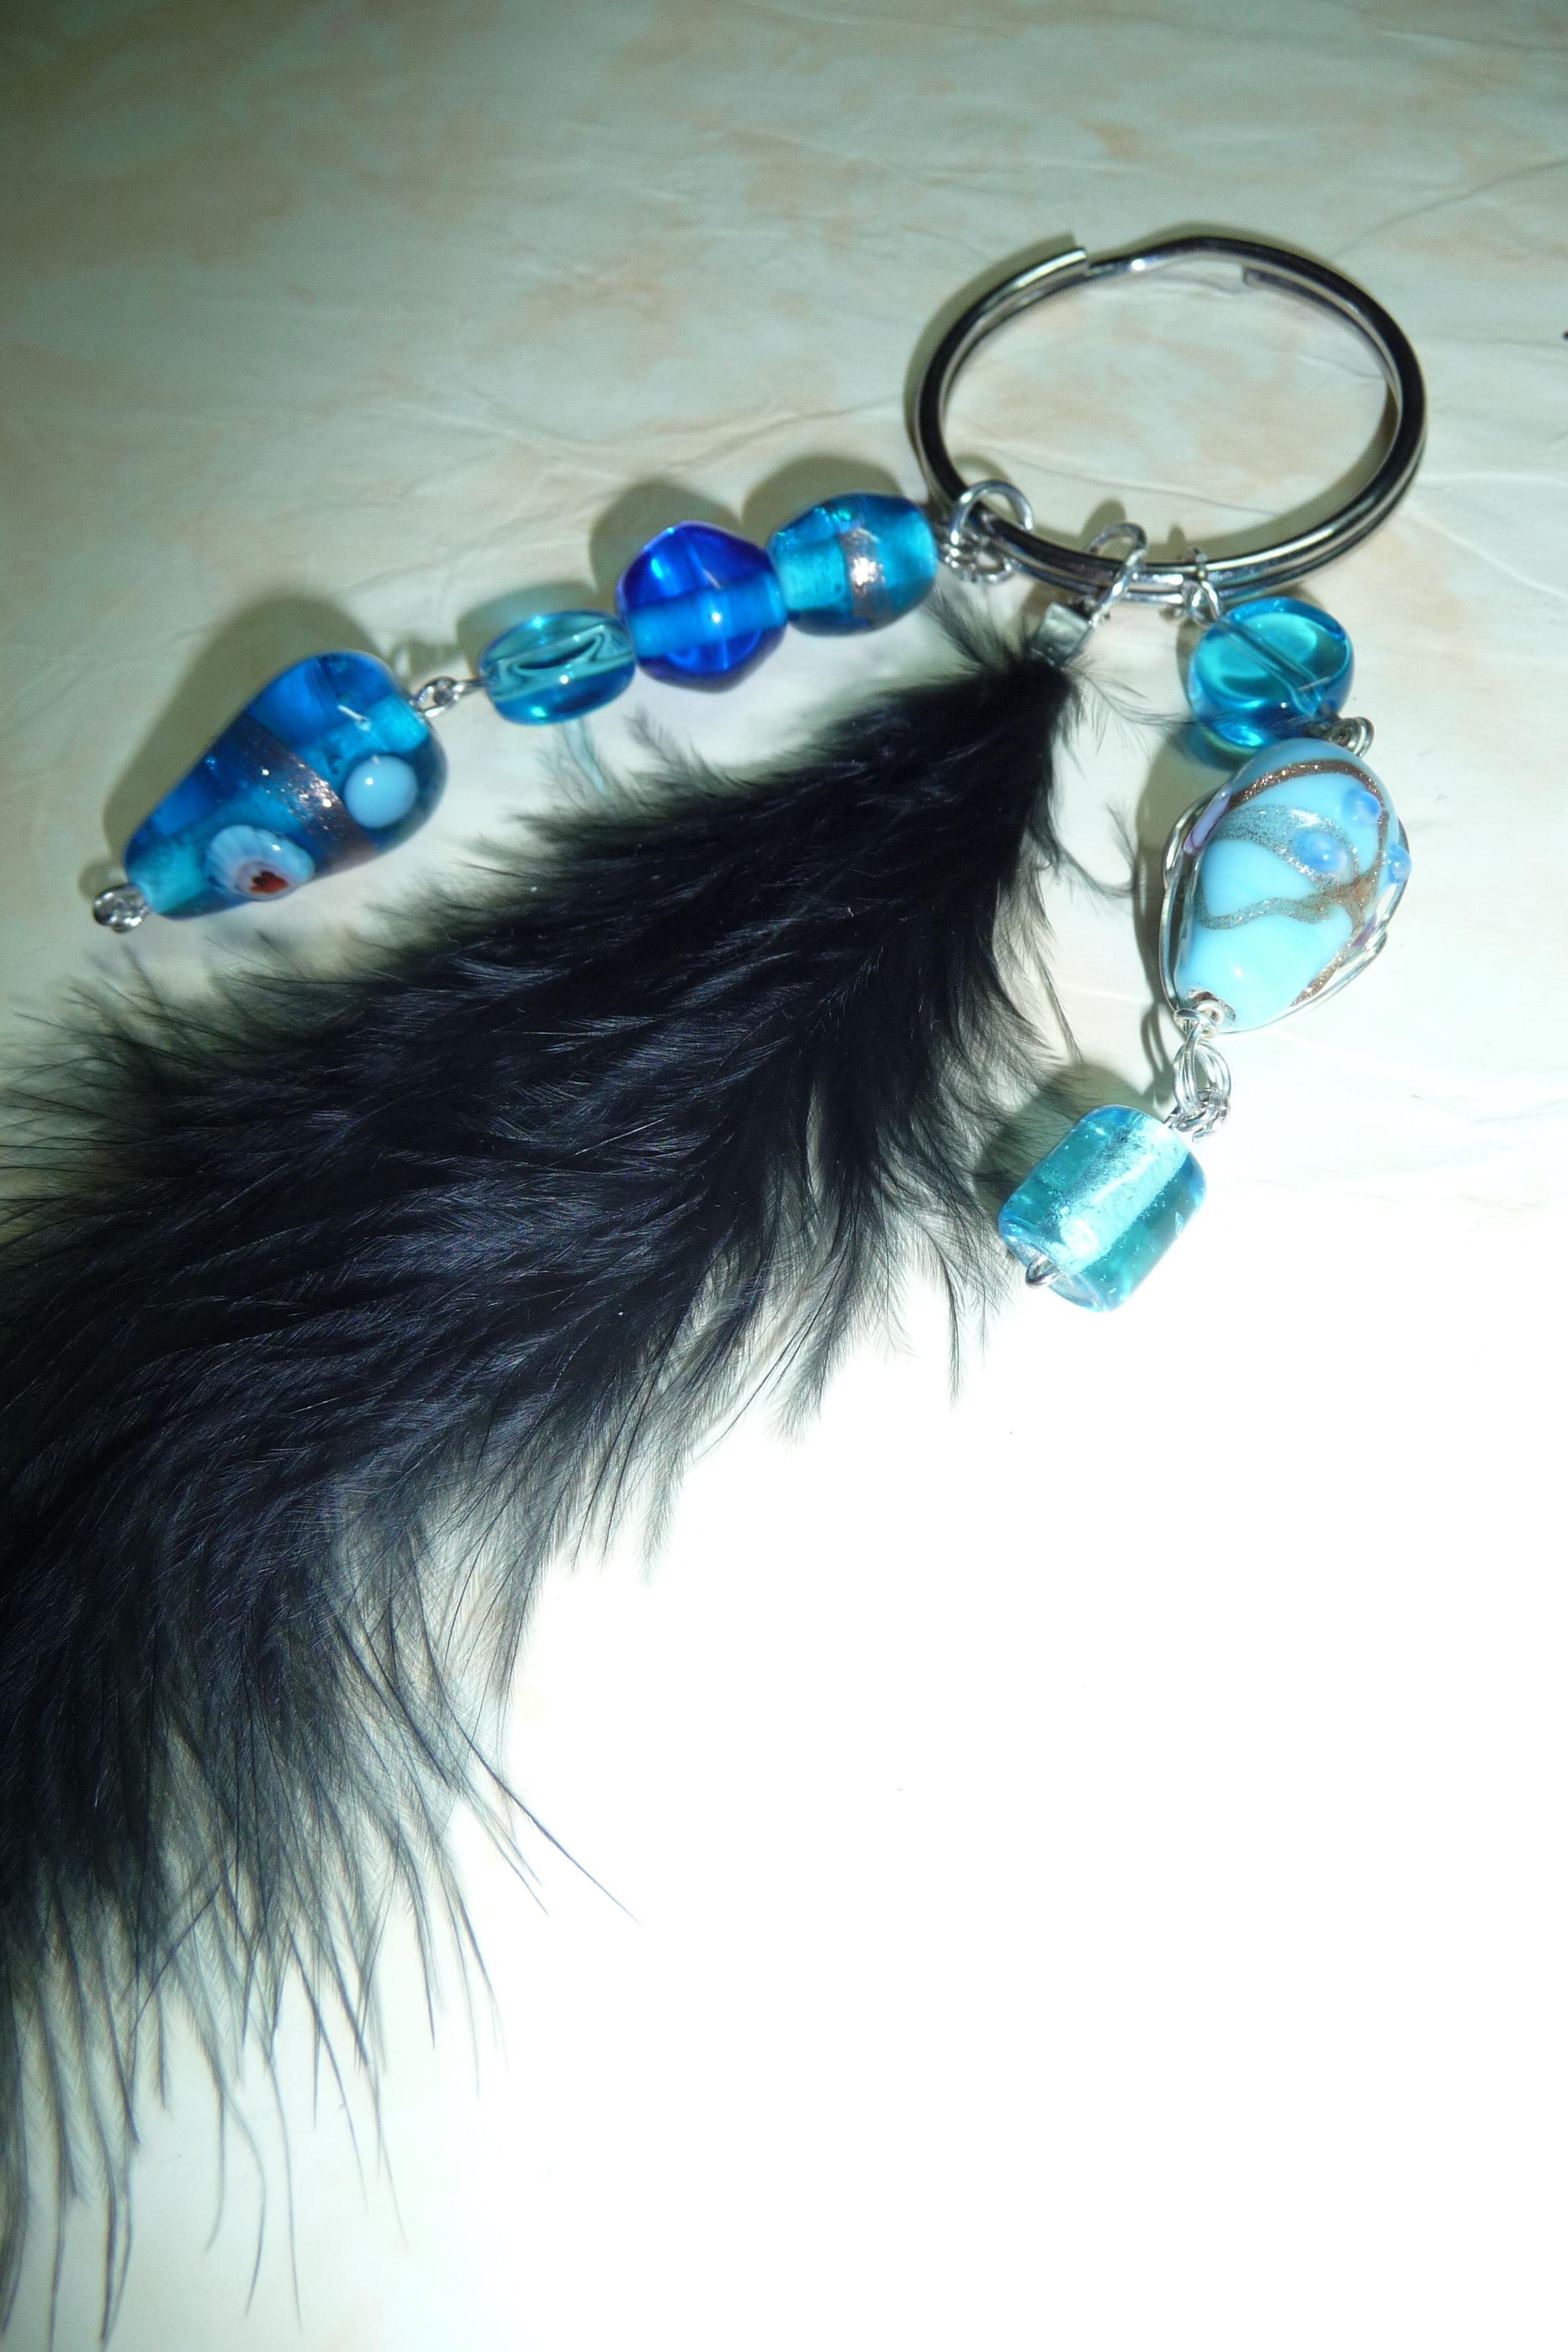 Porte cl s perles bleues et plume noire - Porte cle perle ...